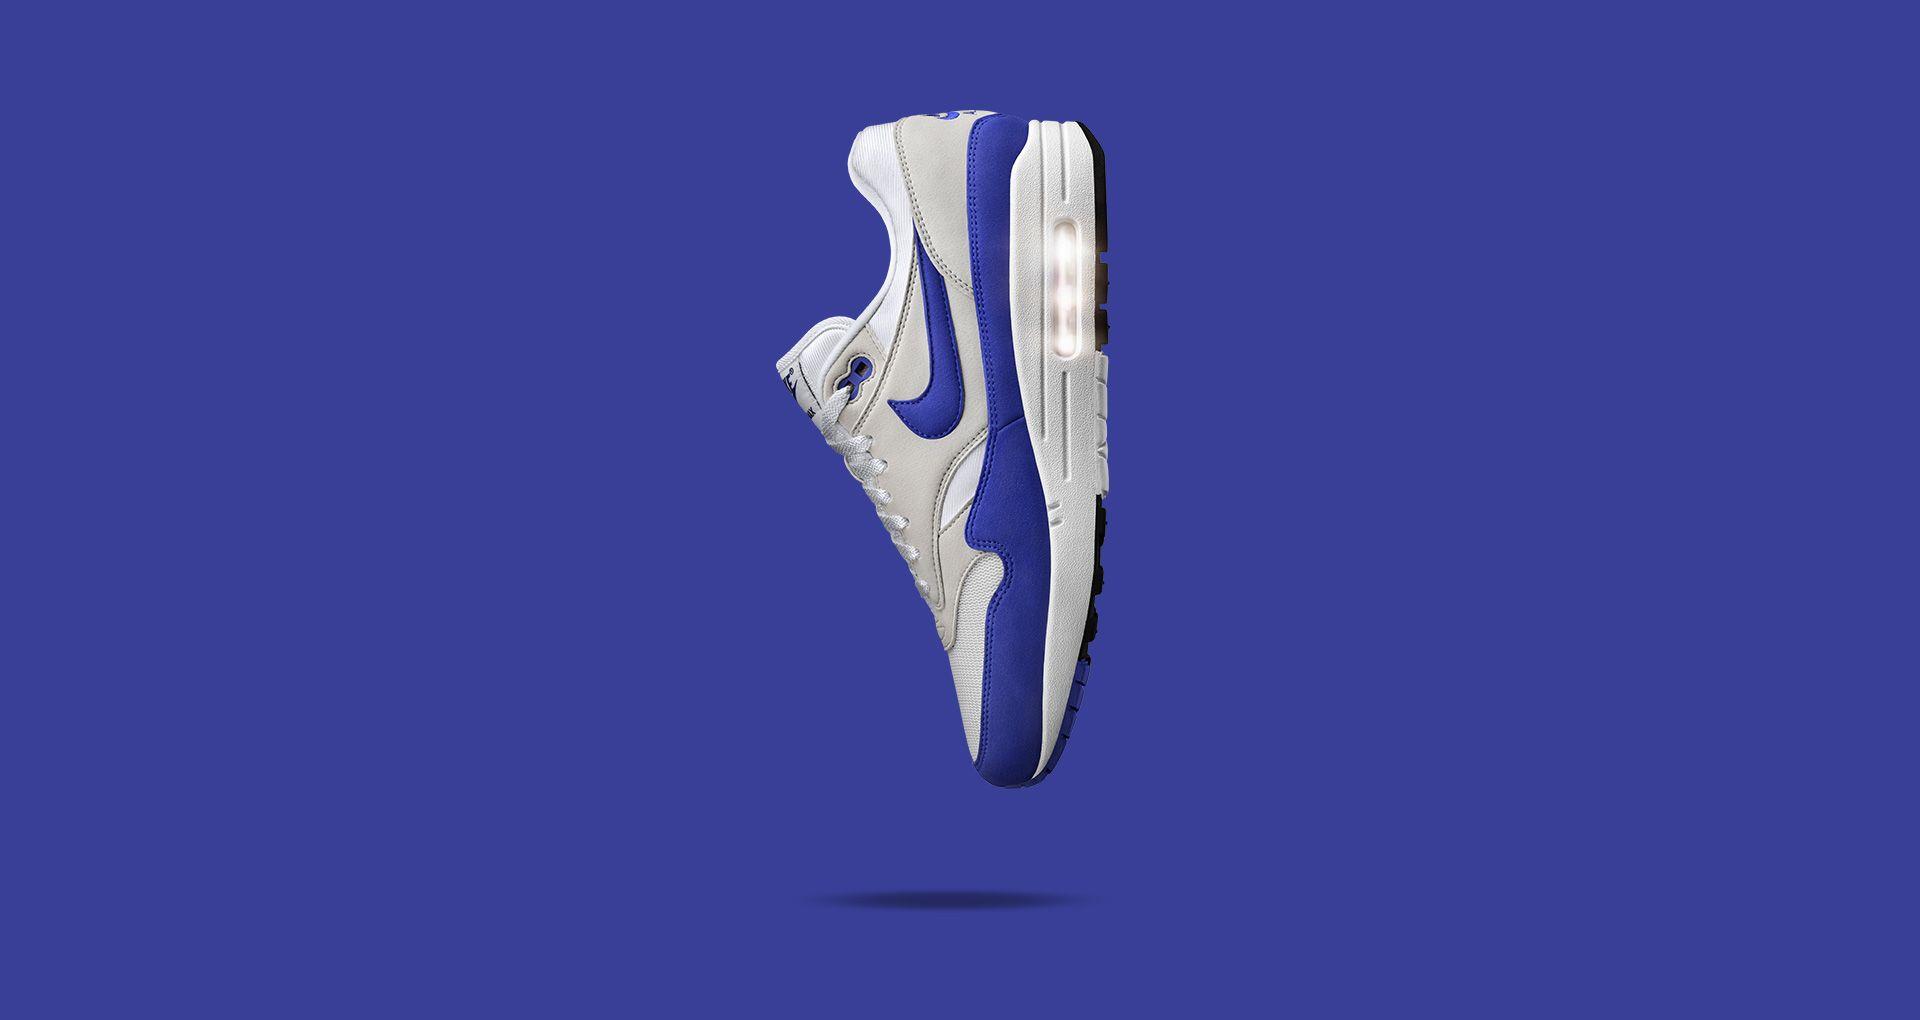 d0e759bc8669 Nike Air Max 1 Anniversary  White   Neutral Grey   Game Royal ...